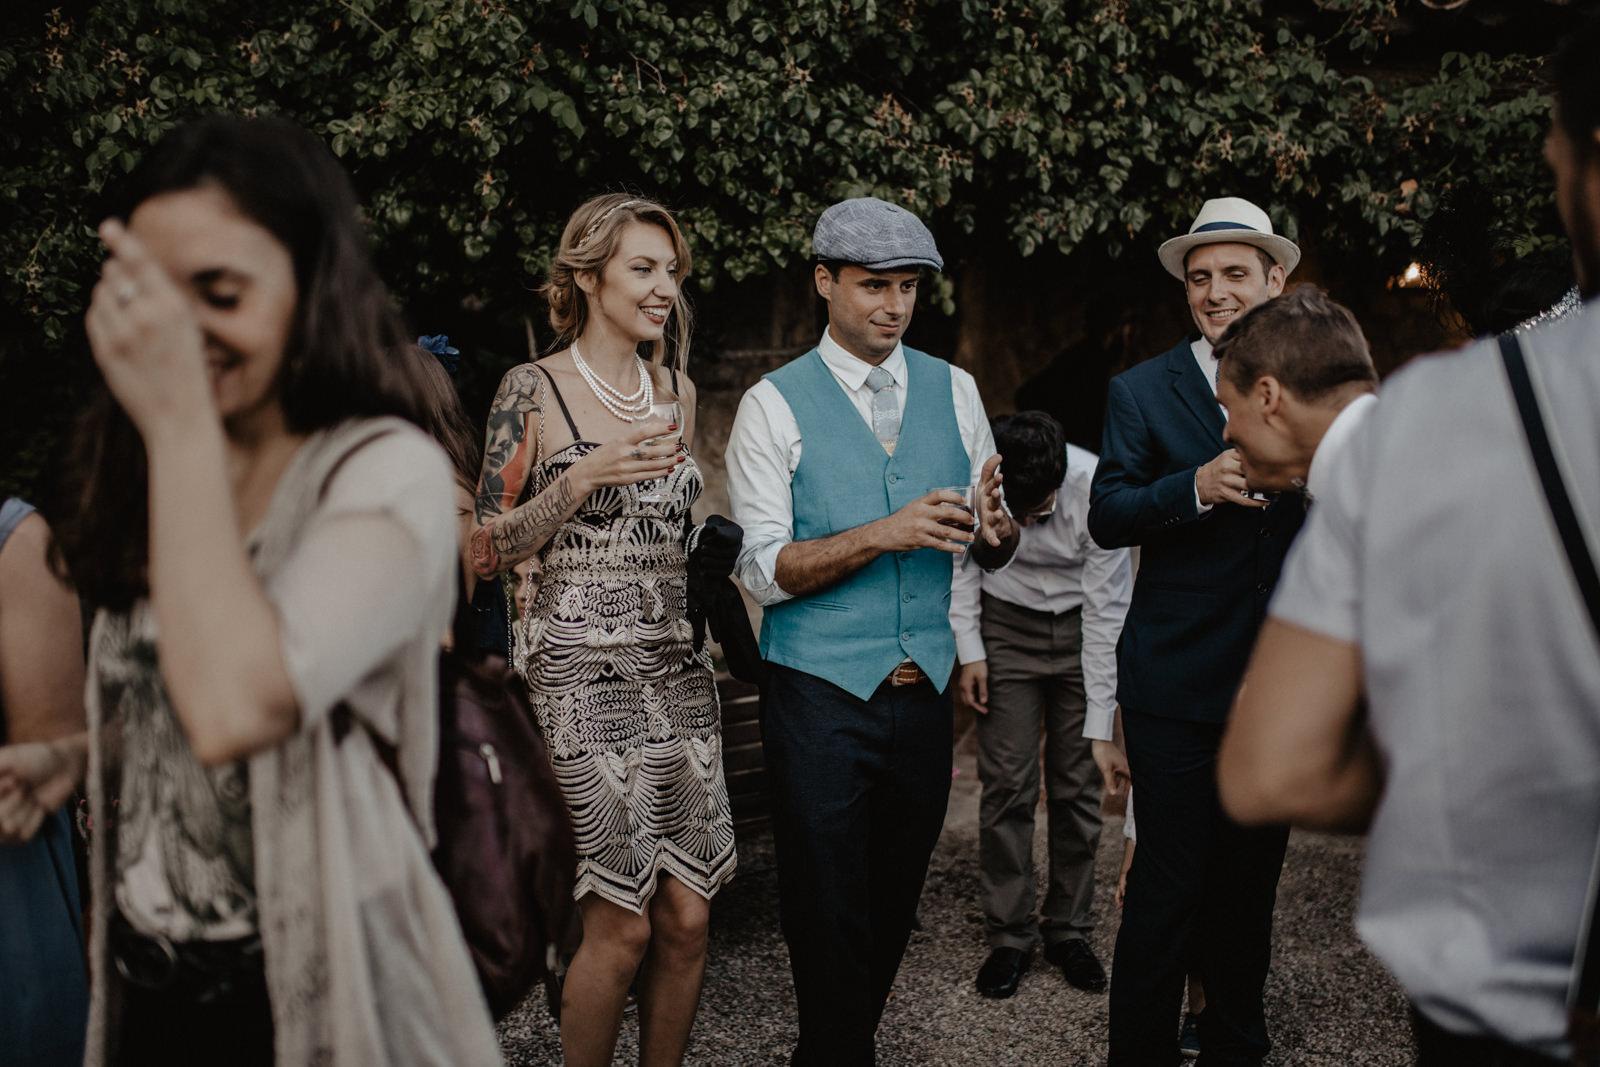 thenortherngirlphotography_photography_thenortherngirl_rebeccascabros_wedding_weddingphotography_weddingphotographer_barcelona_bodaenlabaronia_labaronia_japanesewedding_destinationwedding_shokoalbert-684.jpg